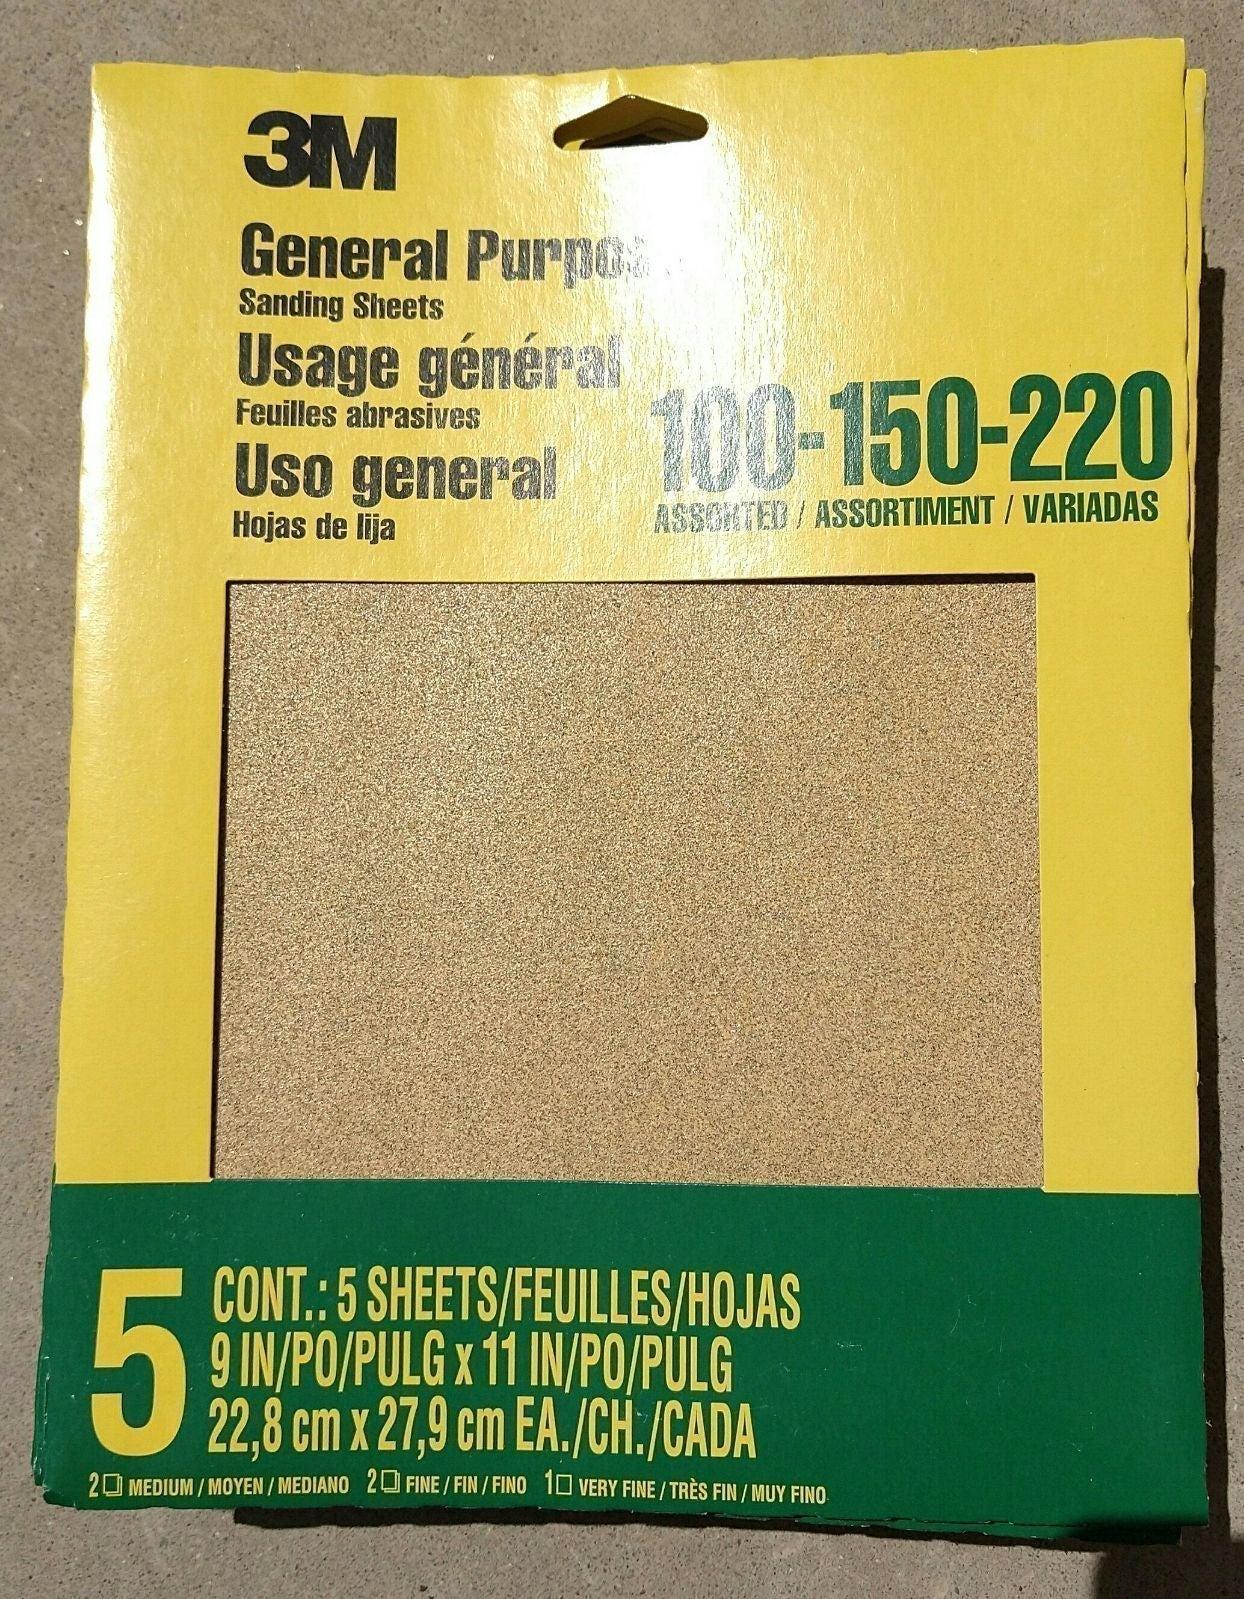 SANDPAPER 18 Packs of 5 sheets each